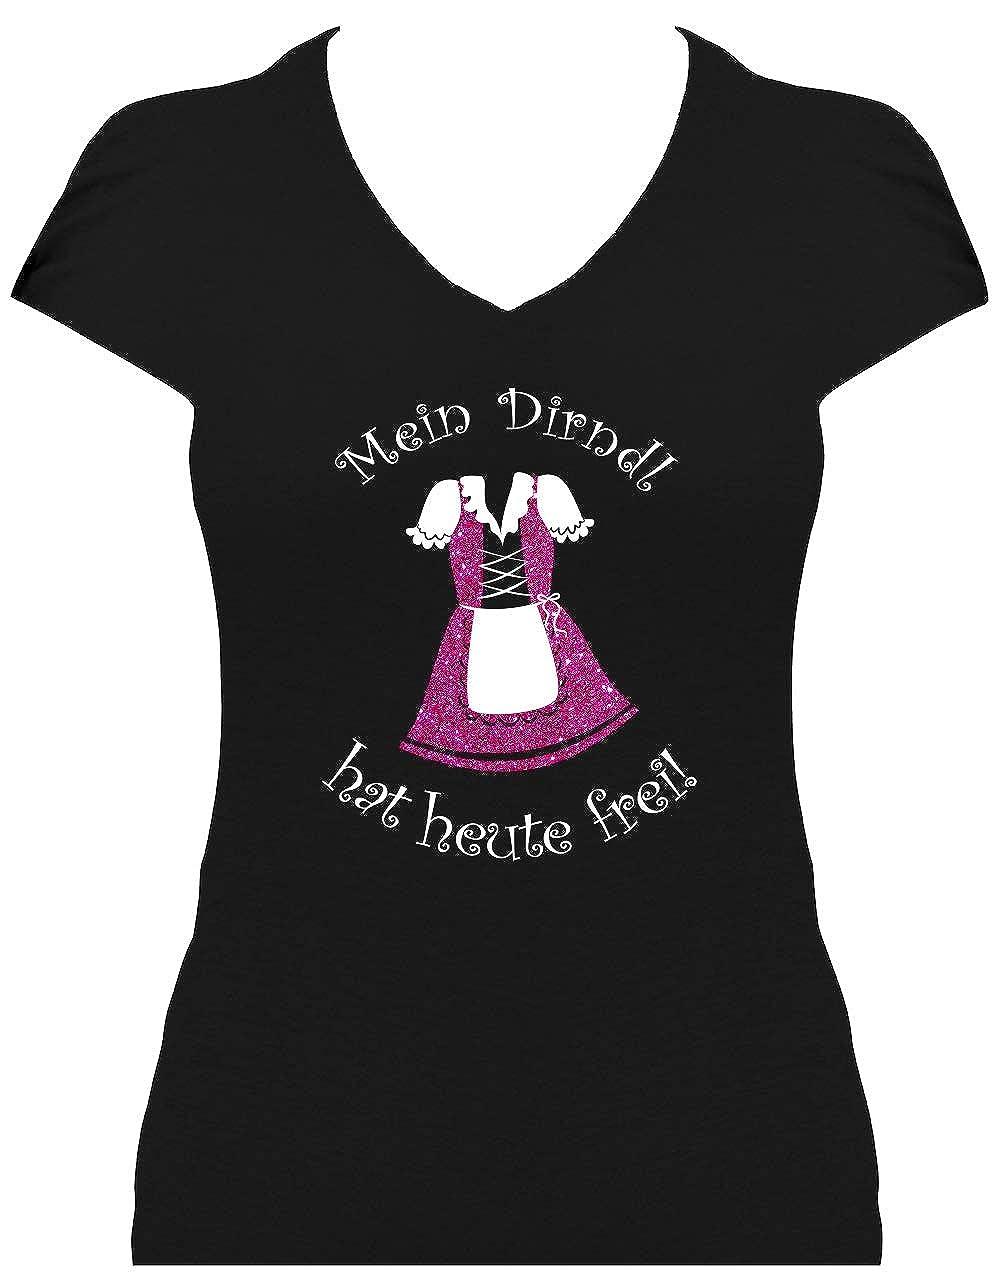 BlingelingShirts Elegantes Shirt Damen Glitzeraufdruck Oktoberfest Wiesn Mein Dirndl ist in der Wäsche pink PR-DAn-7500088001